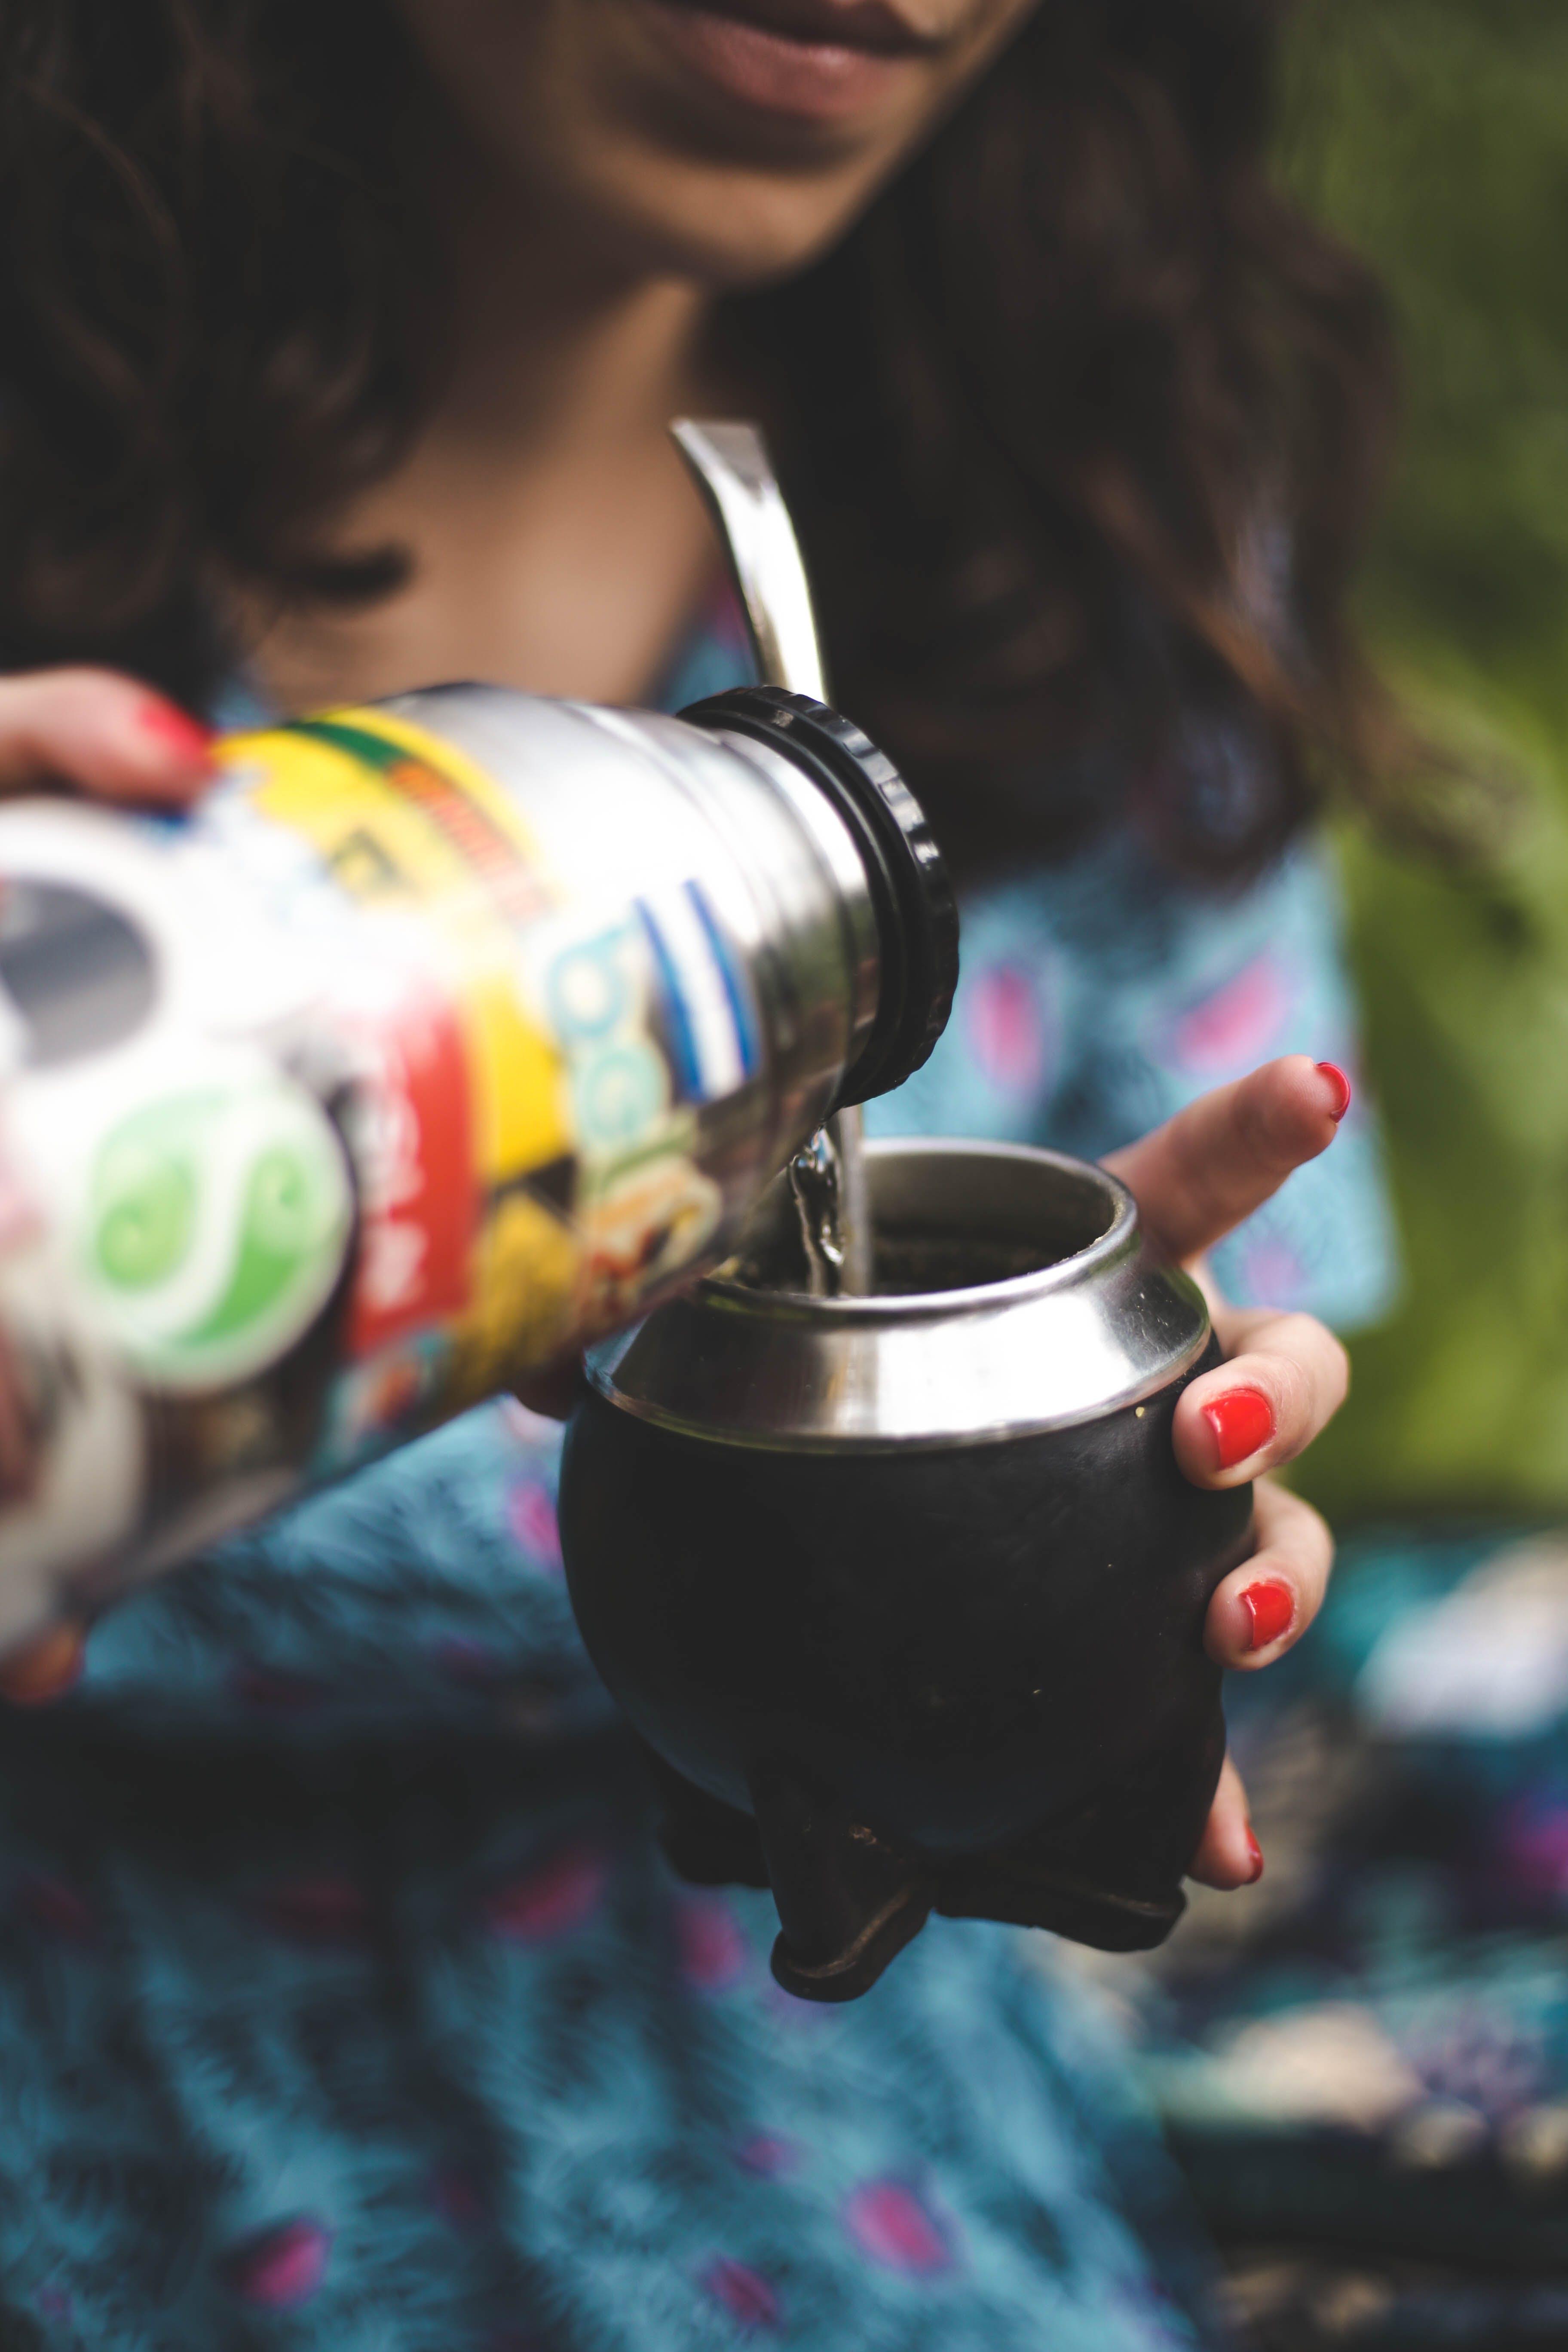 água, bebida, café